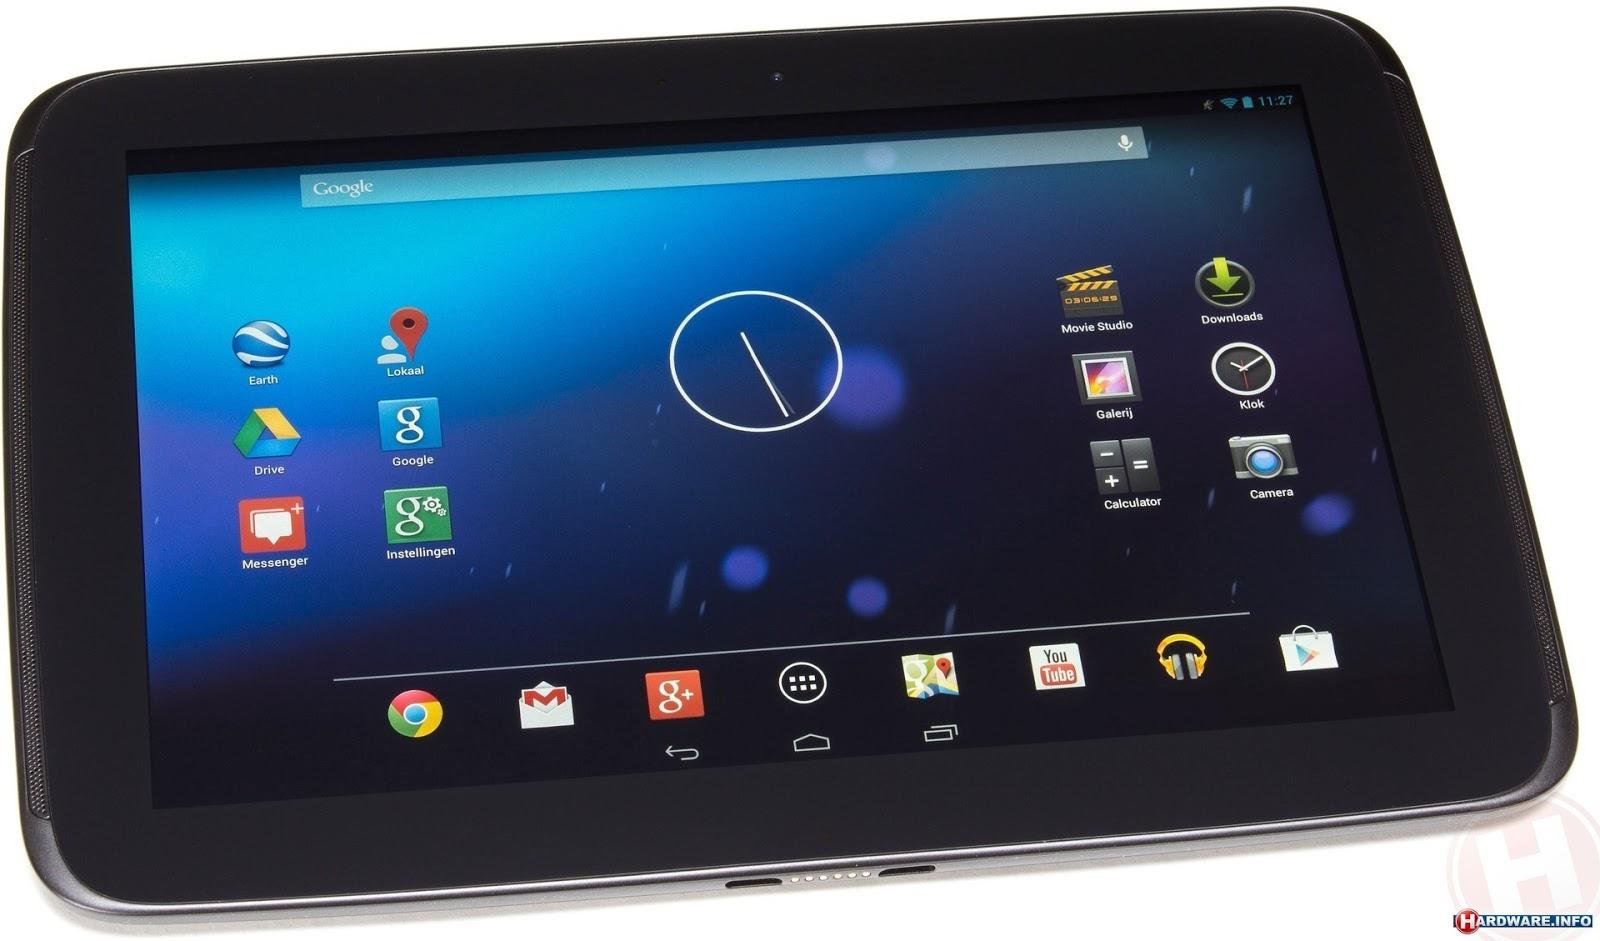 http://1.bp.blogspot.com/-IFWAx-N5jMI/UWw_Y4wVhUI/AAAAAAAATyg/2GXA5Cgke-M/s1600/Samsung+Google+Nexus+1011.jpg